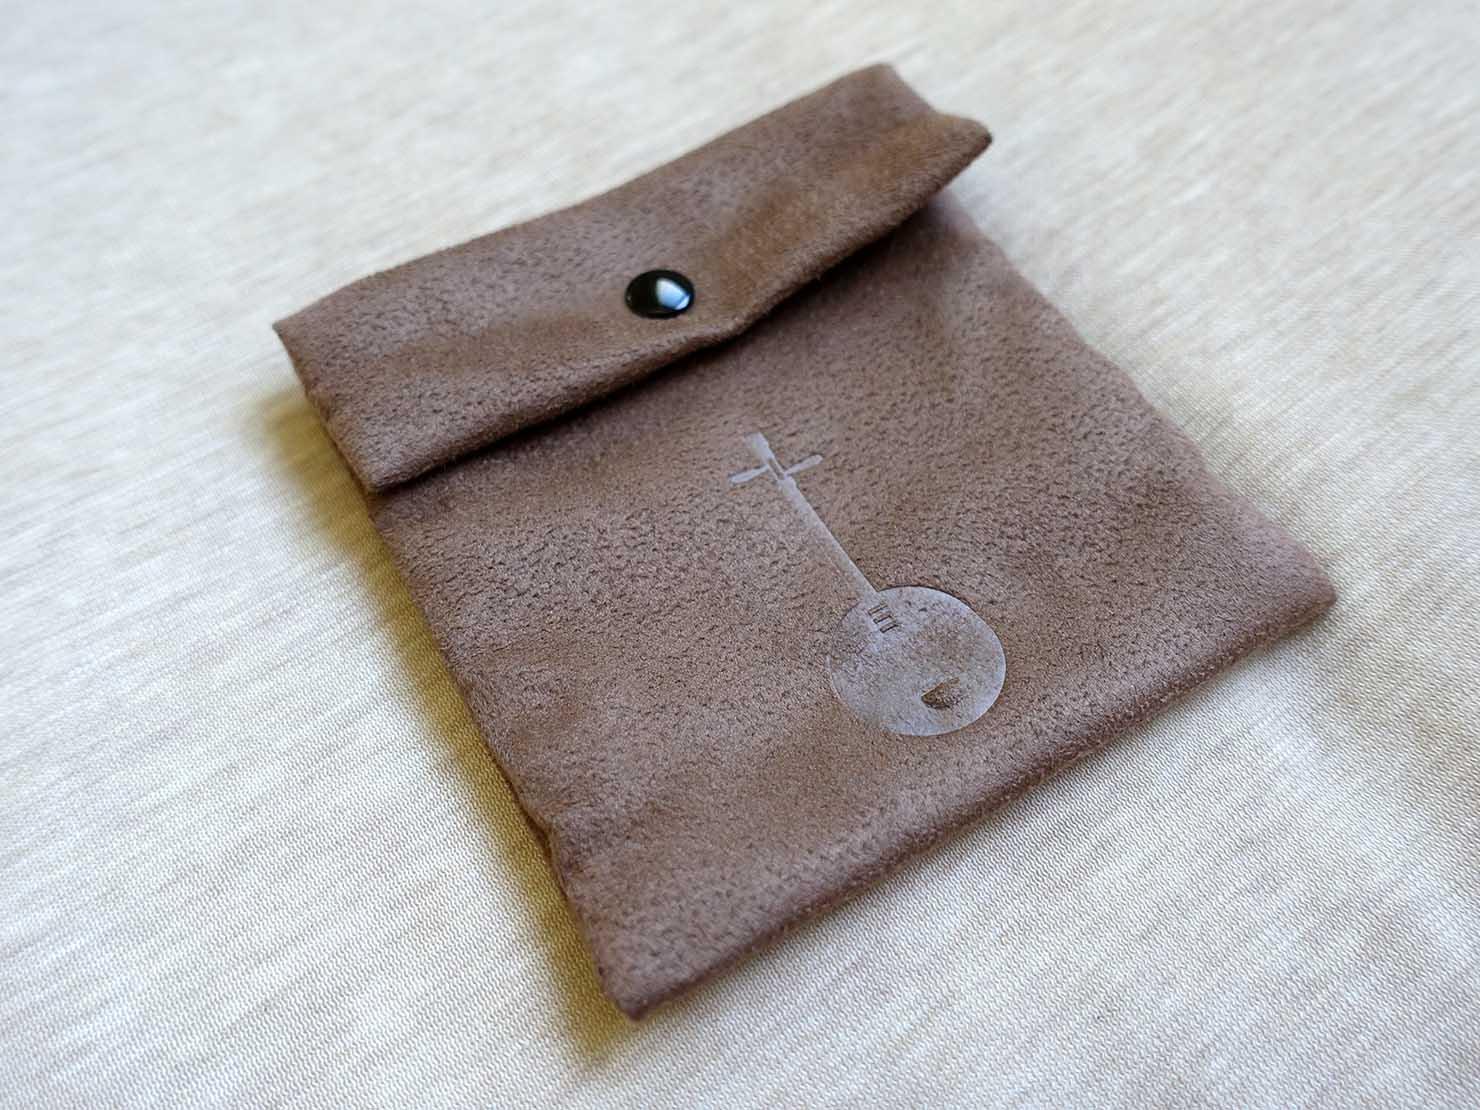 台湾発の高品質イヤホンブランド「Chord&Major(コード&メジャー)」イヤホン付属の収納用ミニバッグ